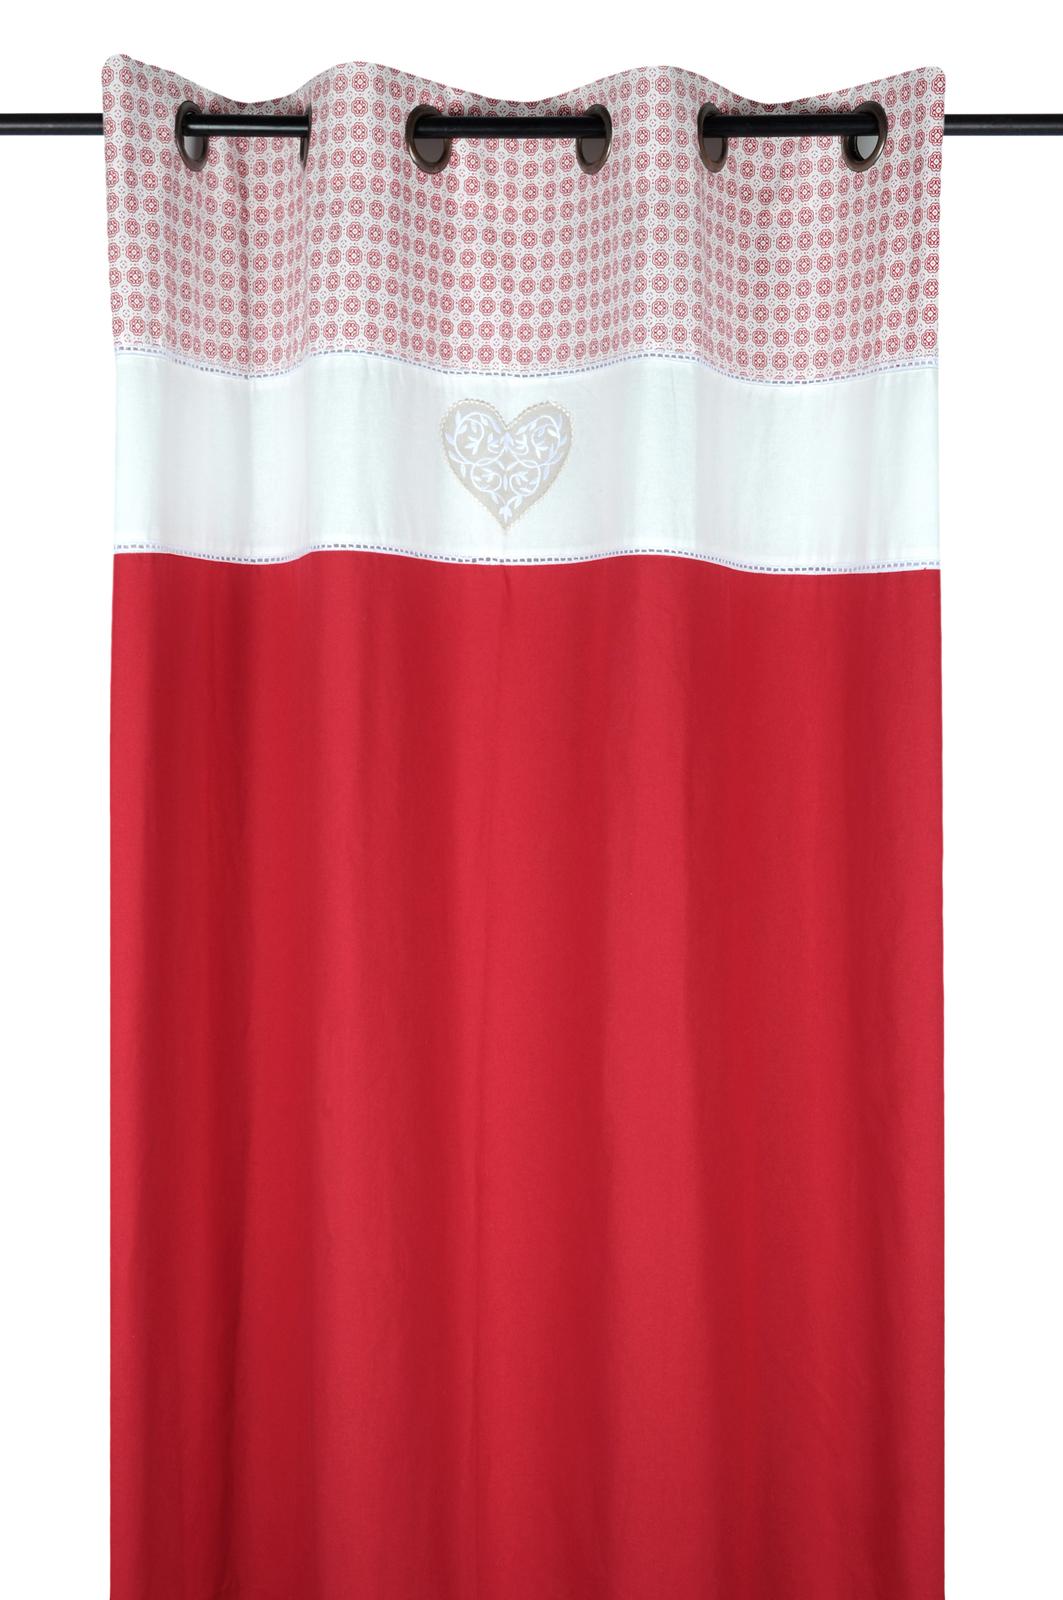 correspondant en couleur nouvelle qualité plus bas rabais Rideau romantique rouge décor façon carreaux de ciment et coeur brodé sur  bandeau blanc 140x260cm à oeillets DARLA ROUGE